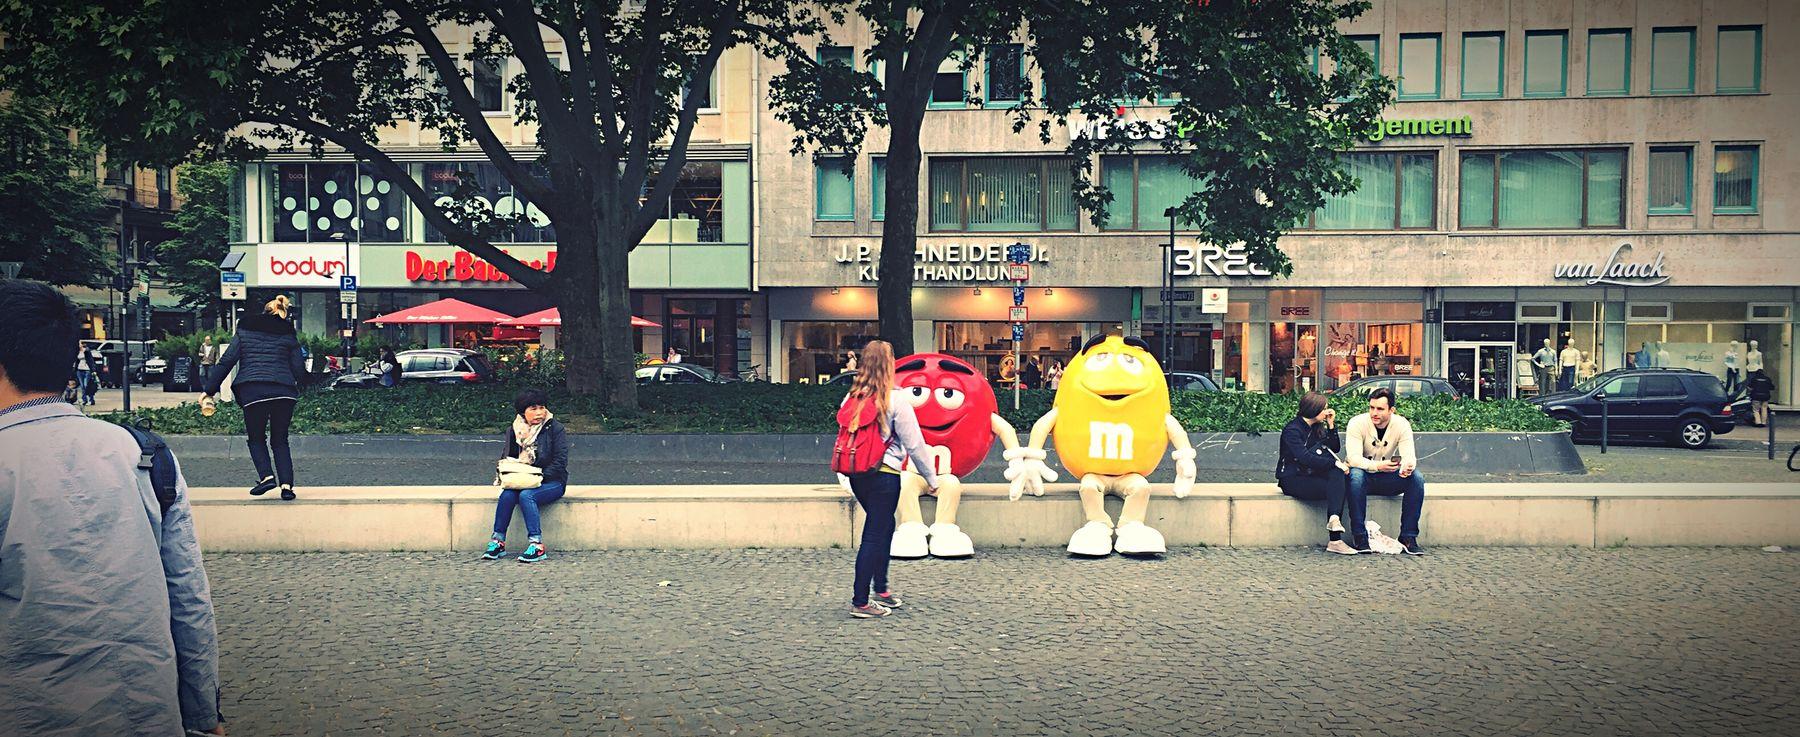 Lookout Sitting M&m's Sweets Theplacesi'vebeentoday Frankfurt